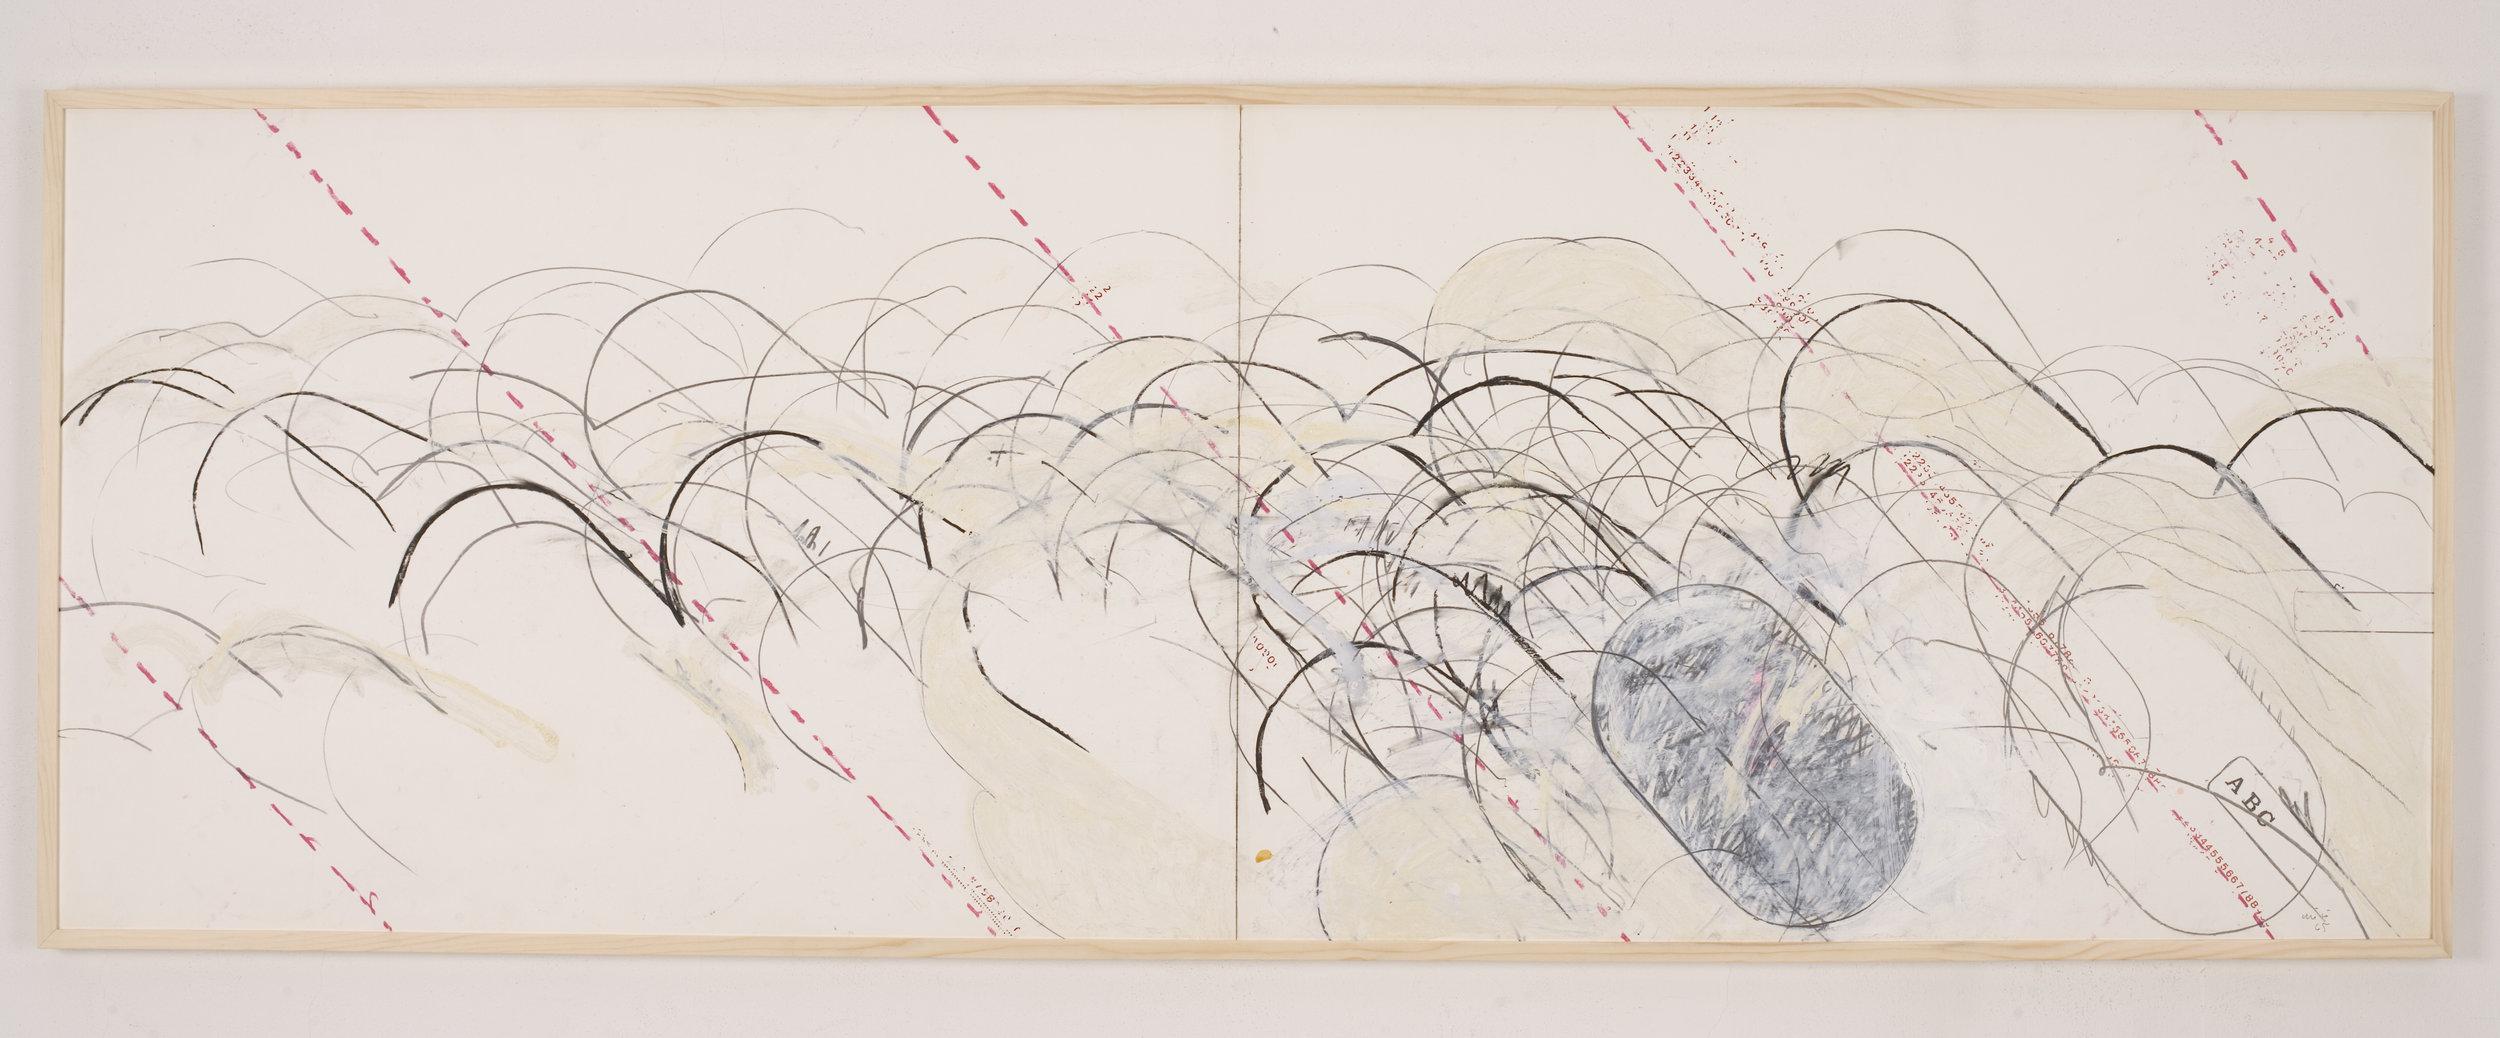 """Carta progetto """"studio per assonometria simultanea"""", 1965"""